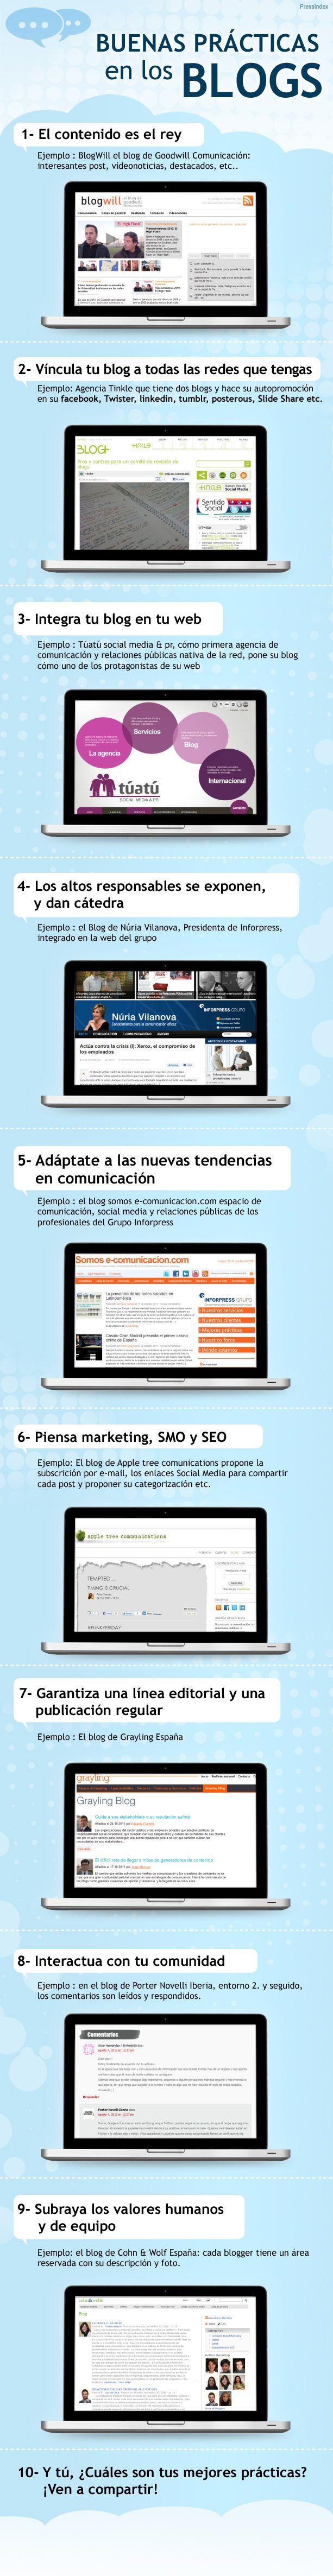 Buenas prácticas en los blogs #infografia #infographic #socialmedia #marketing